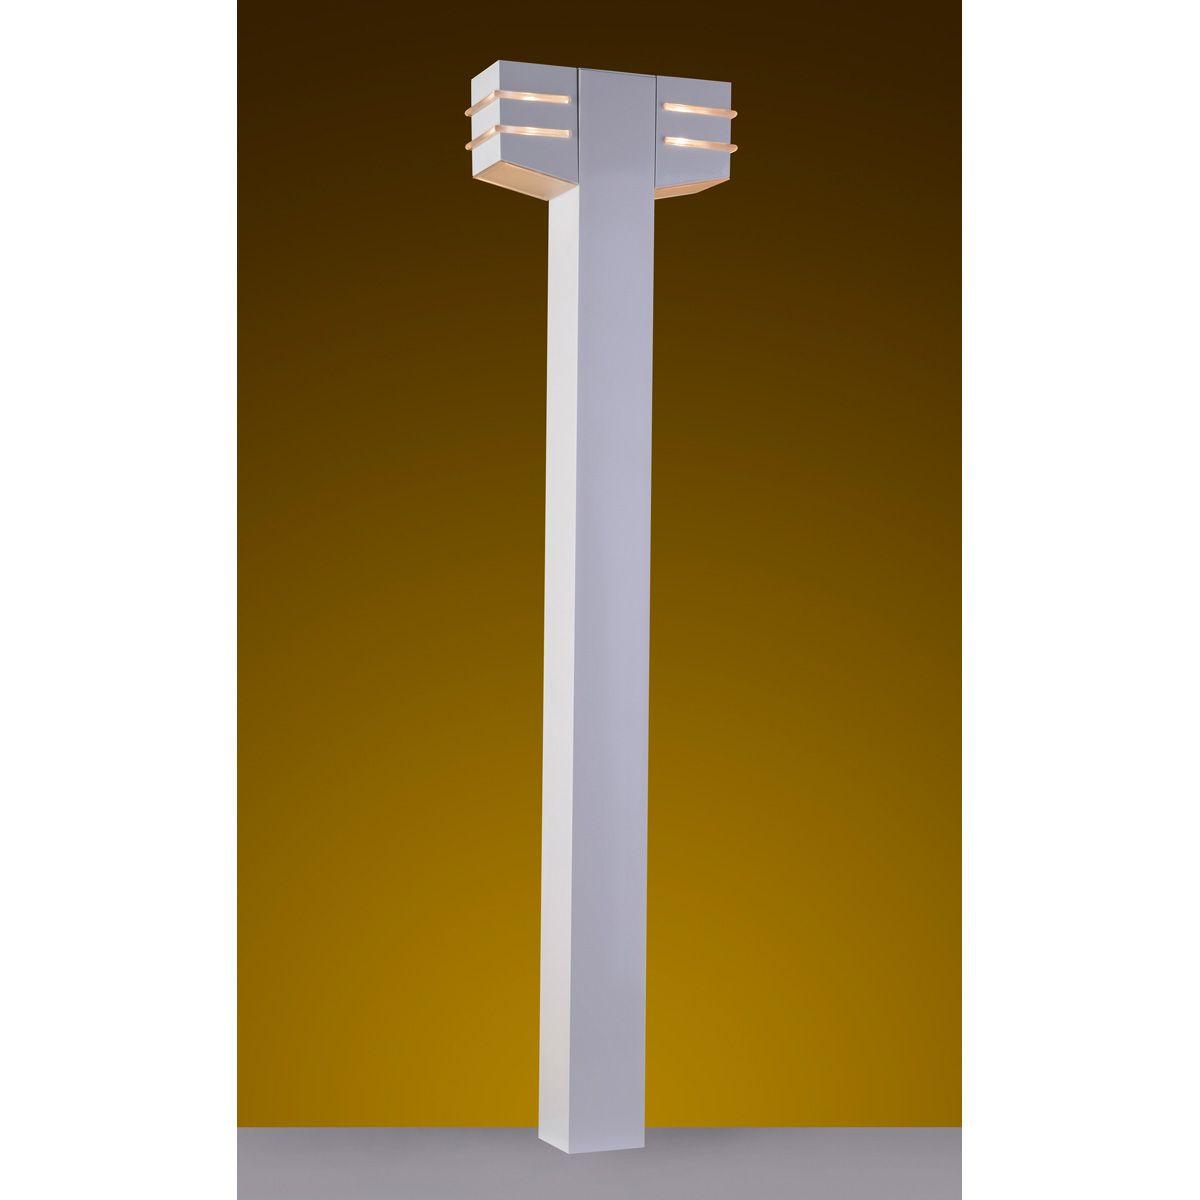 """Balizador Flash Tubo Quadrado 02L 3"""" 02 G9 100cm Tampa inferior Diagonal em Policarbonato com AntiUV - Branca Microtexturizada"""